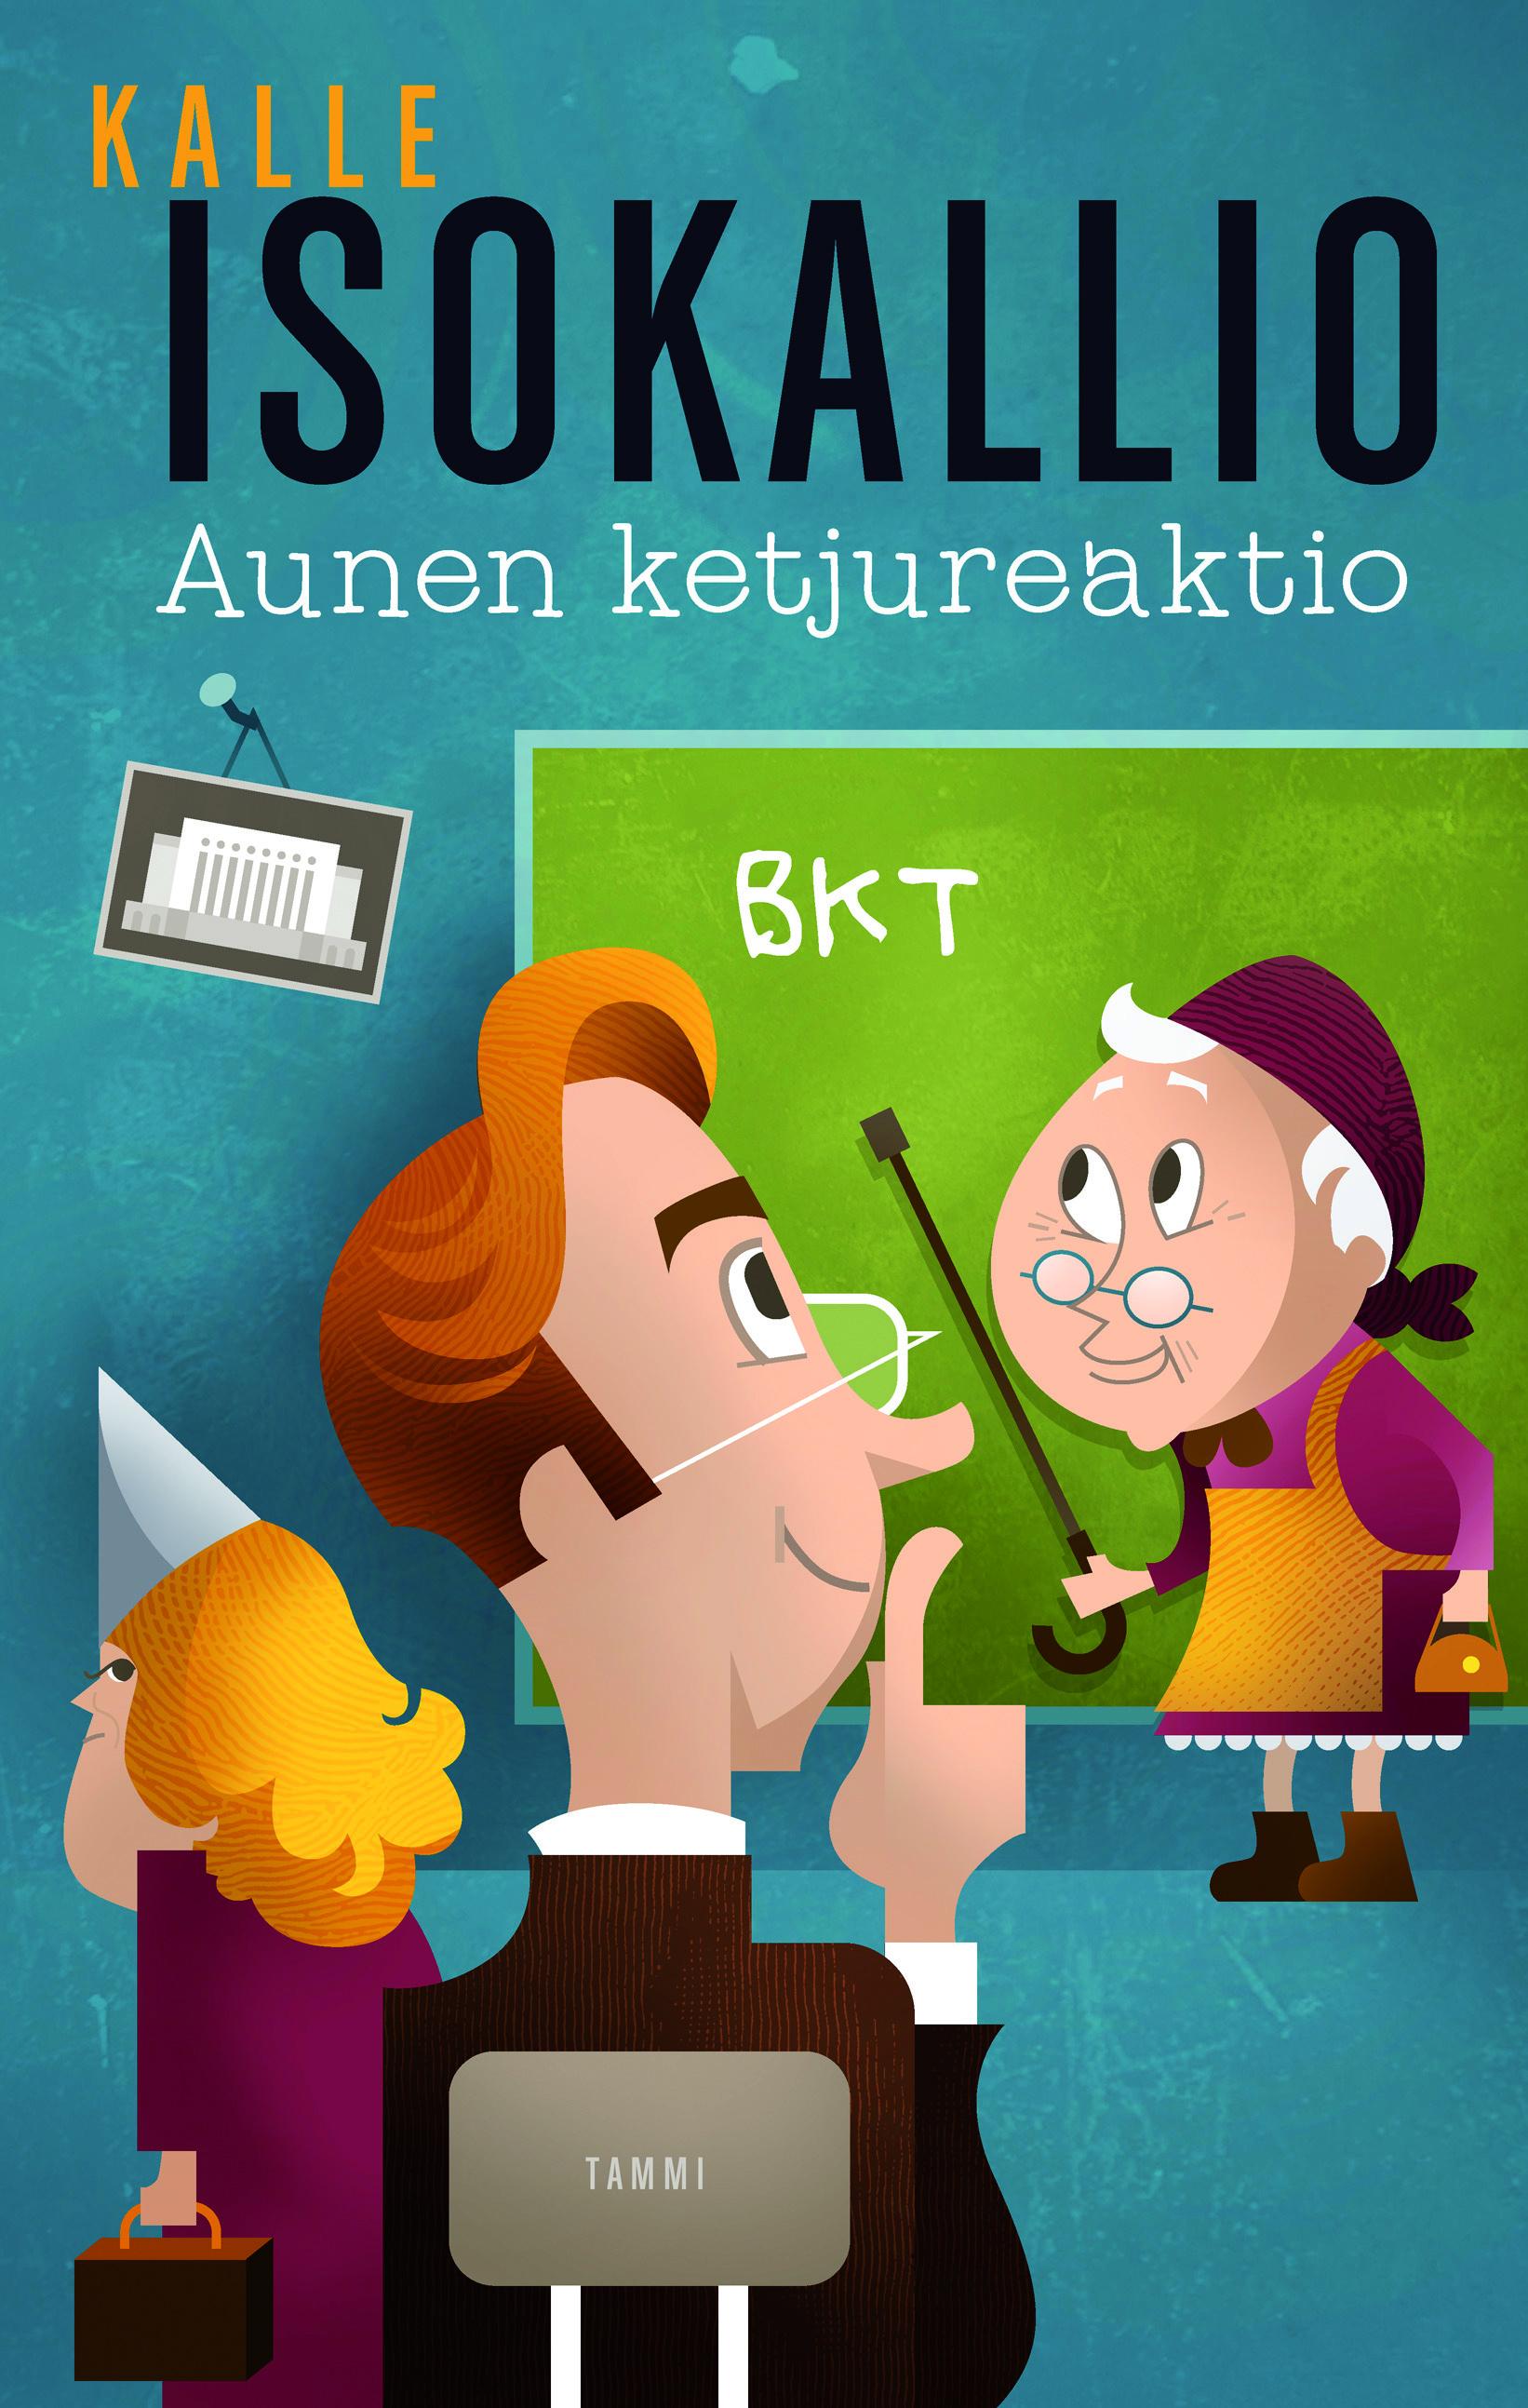 Isokallio, Kalle - Aunen ketjureaktio, e-kirja